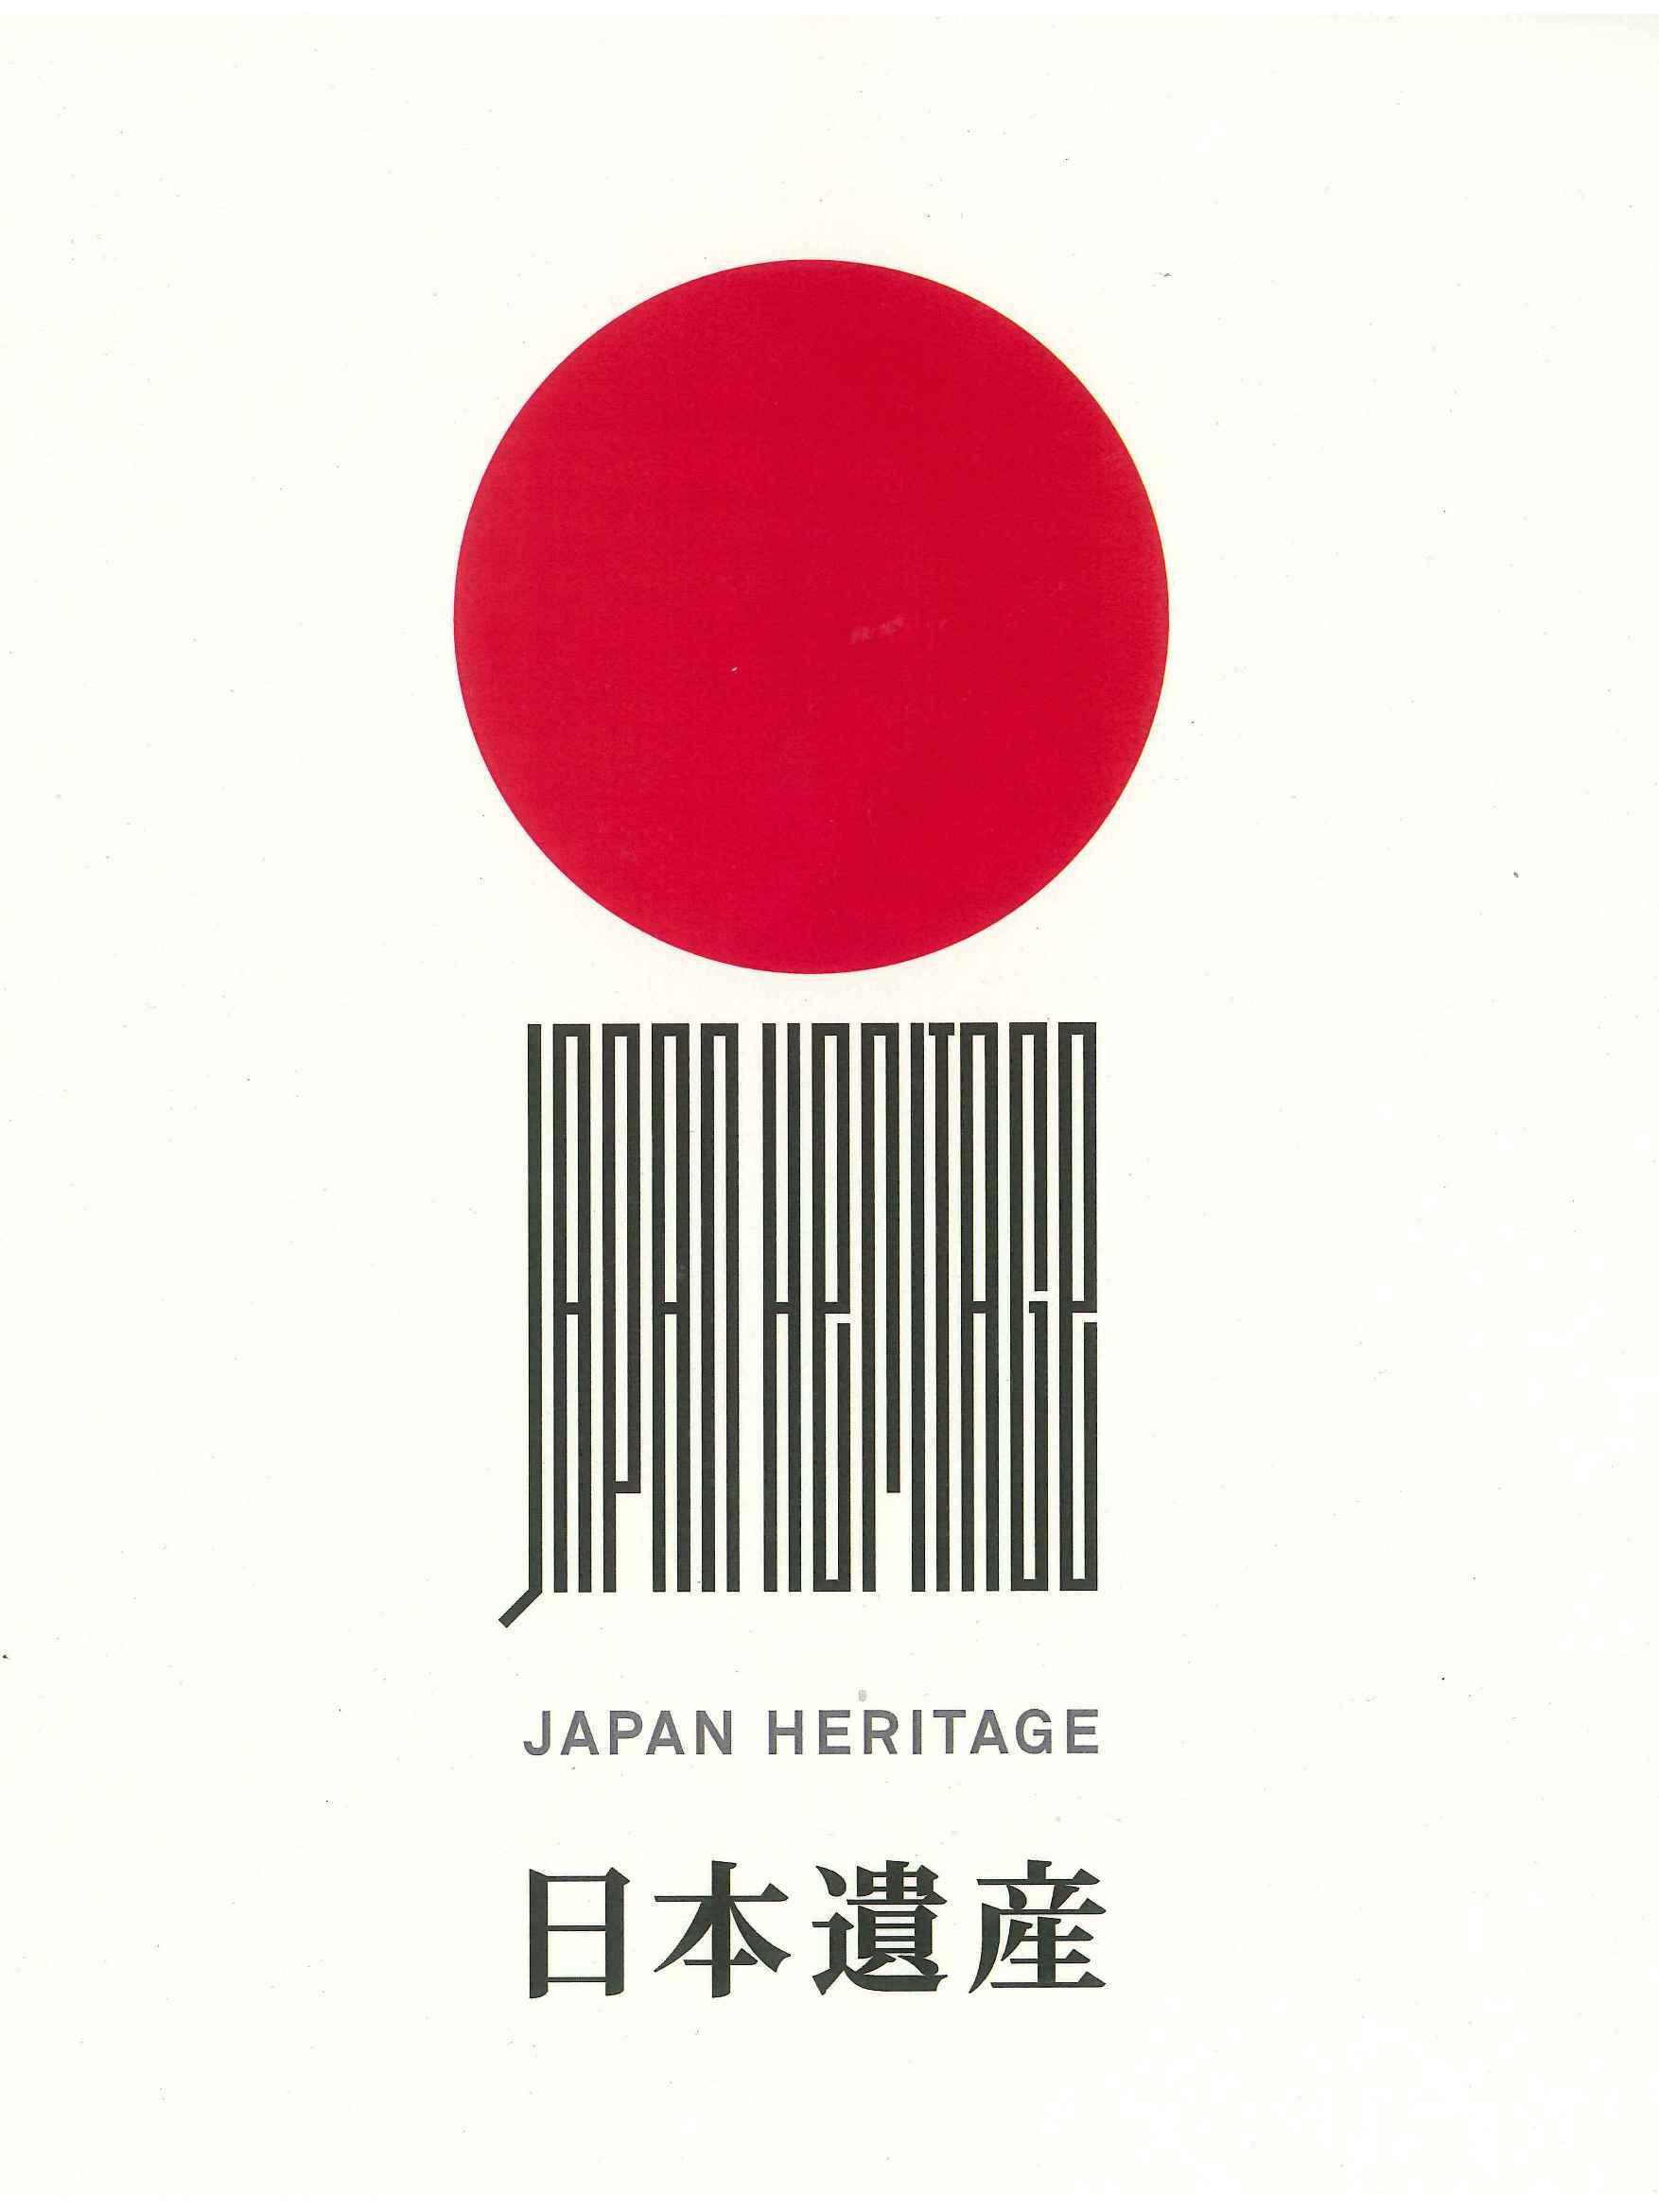 日本遺産「鎮守府 横須賀・呉・佐世保・舞鶴 ~日本近代化の躍動を体感できるまち~」 | 舞鶴市 公式ホームページ